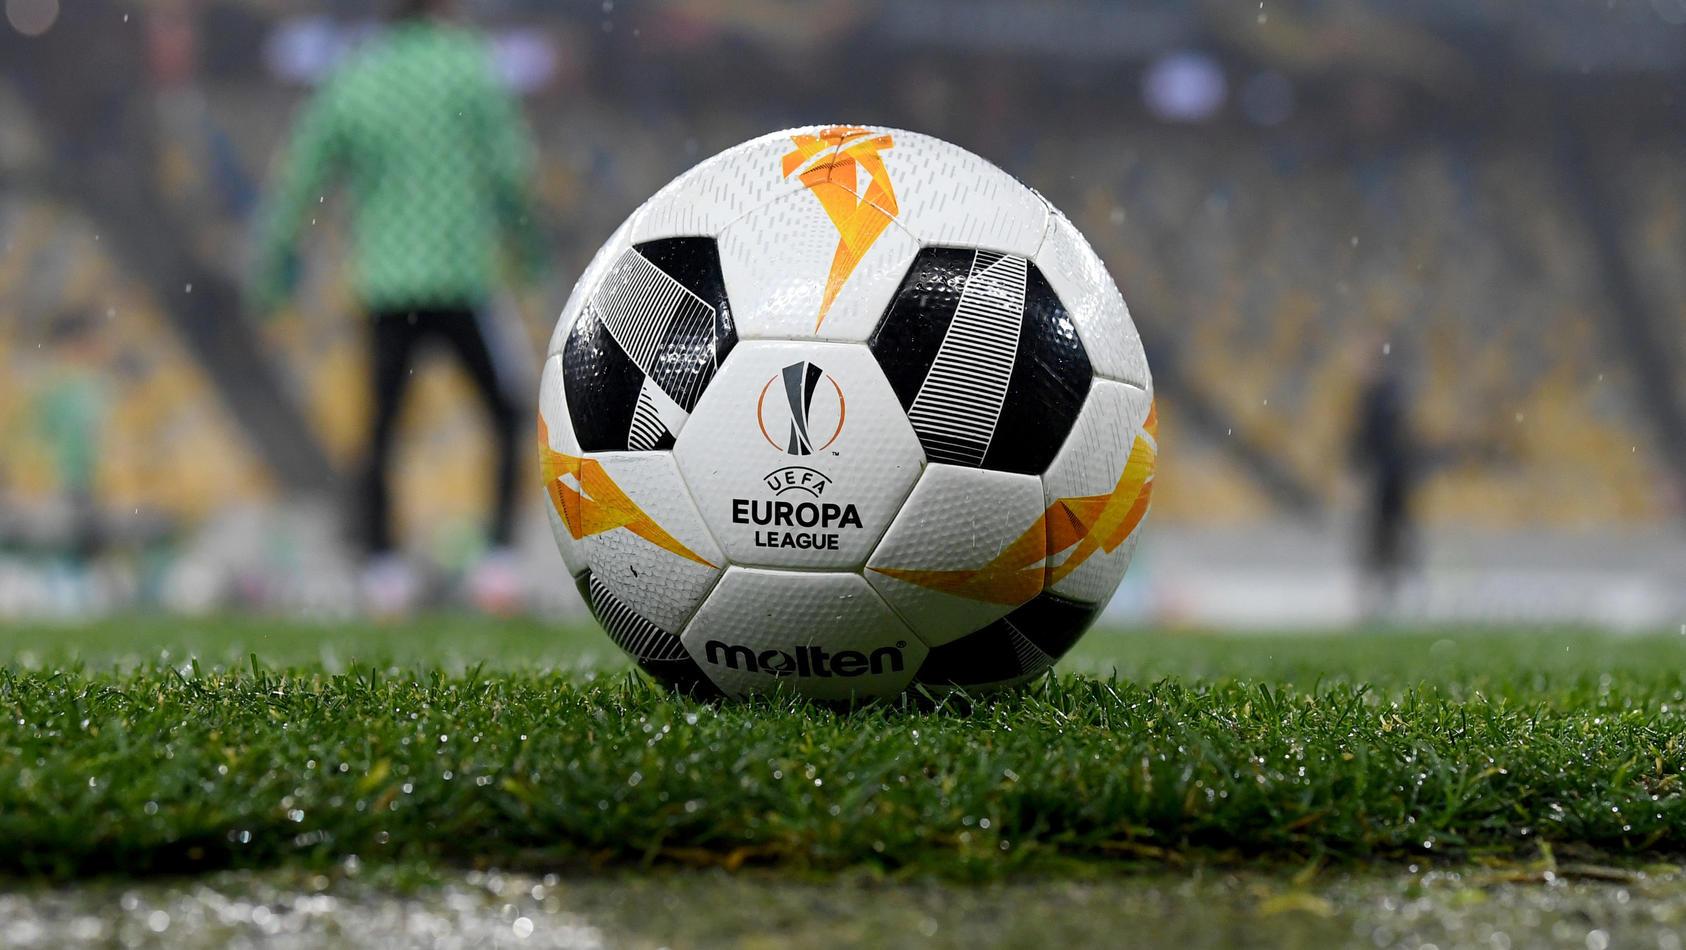 Auch zwei Achtelfinal-Spiele der Europa League finden in Deutschland statt.